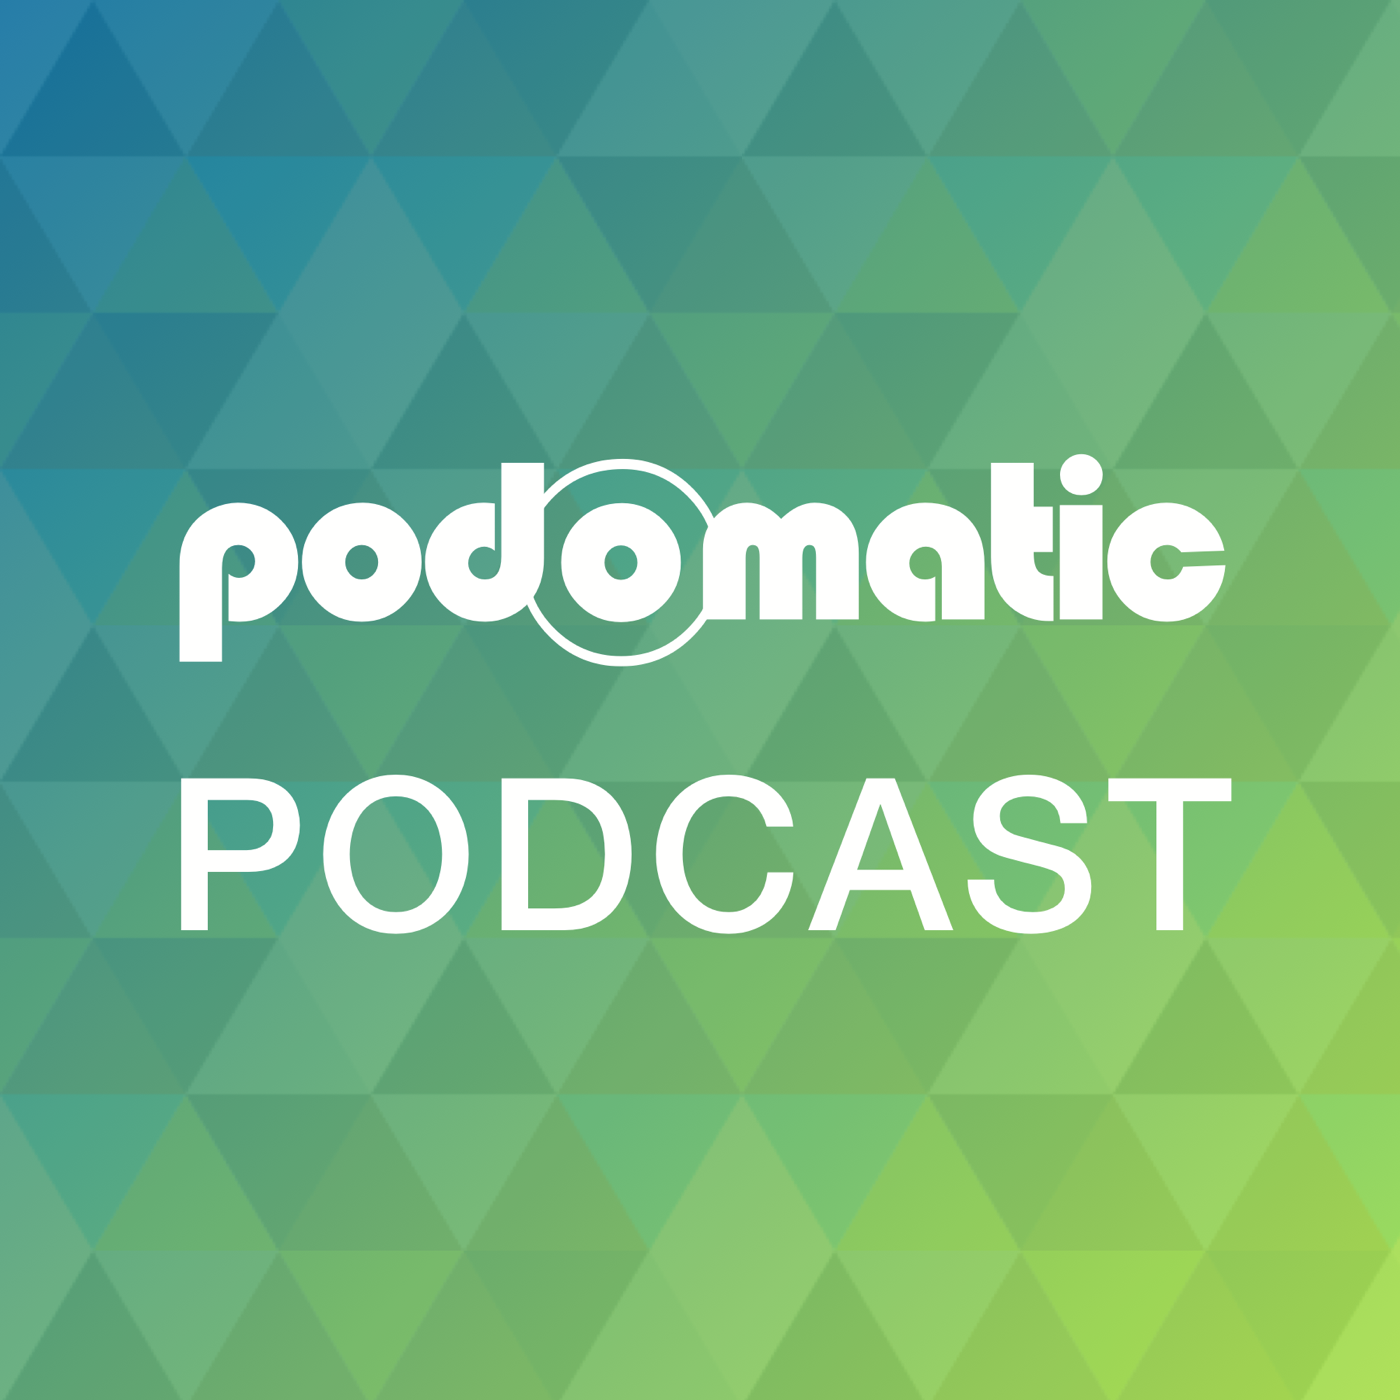 Darren C's Podcast